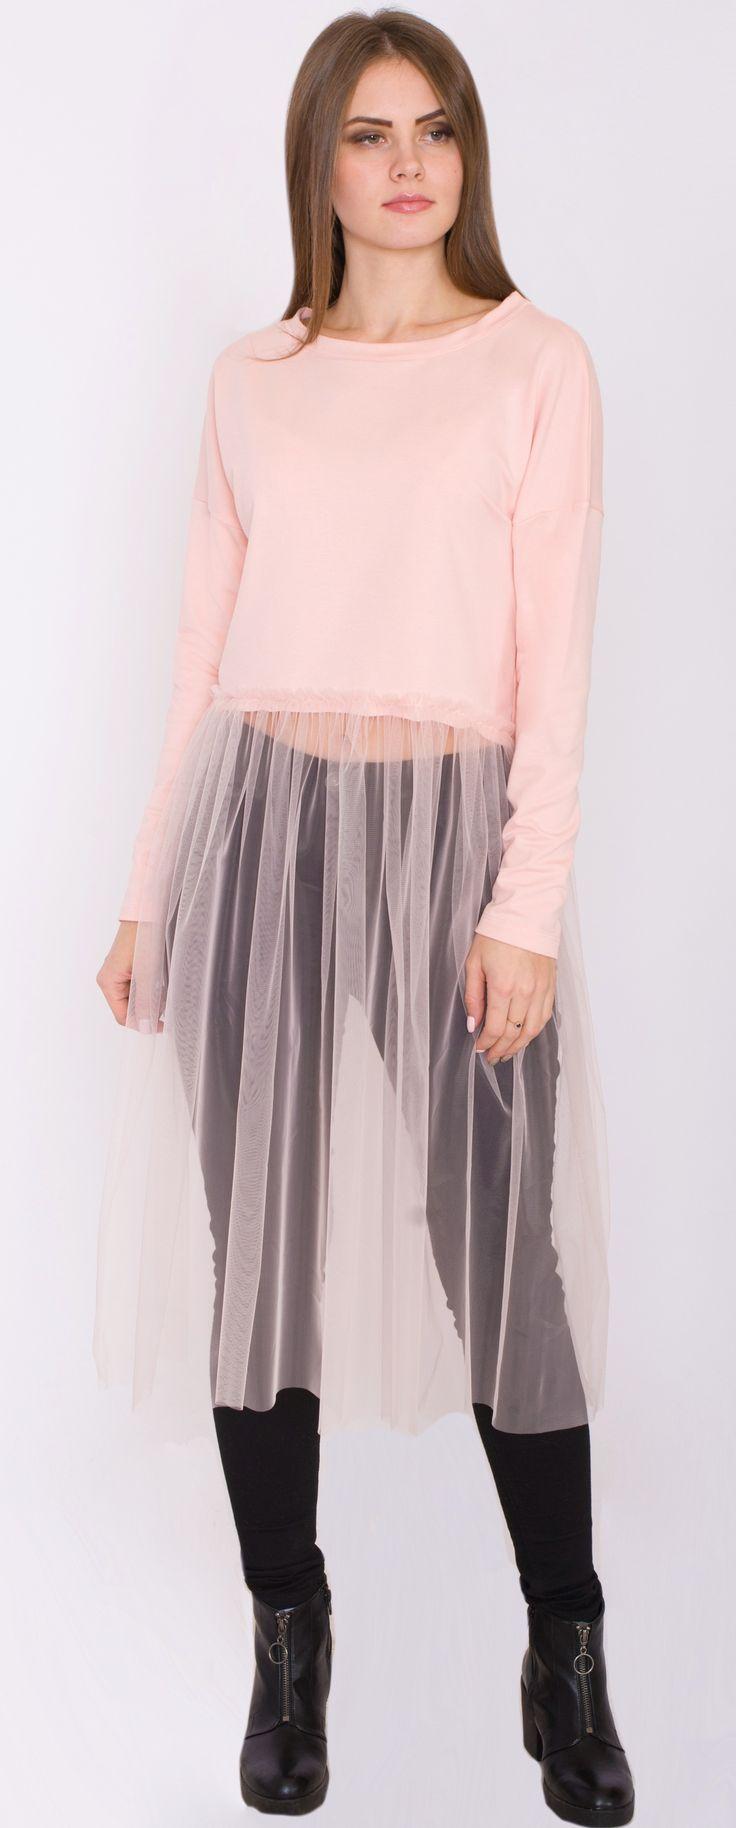 Платье сетка/ туника/ фатин/ платье из фатина/ стильное платье из хлопка / стильная одежда / молодежная одежда/ тренд